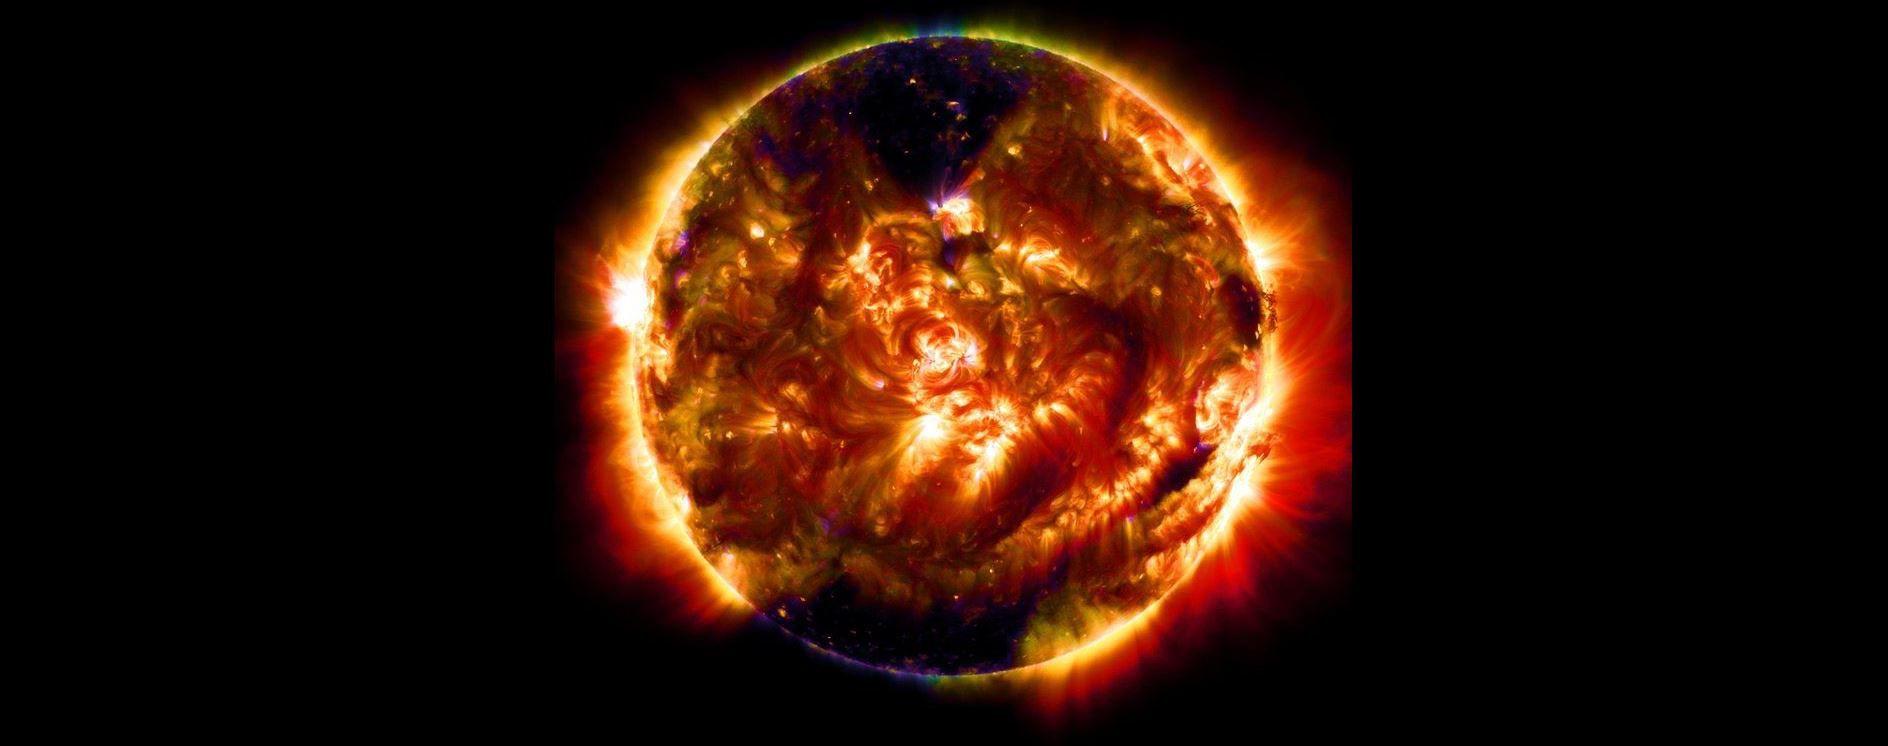 Nasa un filmato mostra un bagliore sulla superficie del sole for Mostra nasa